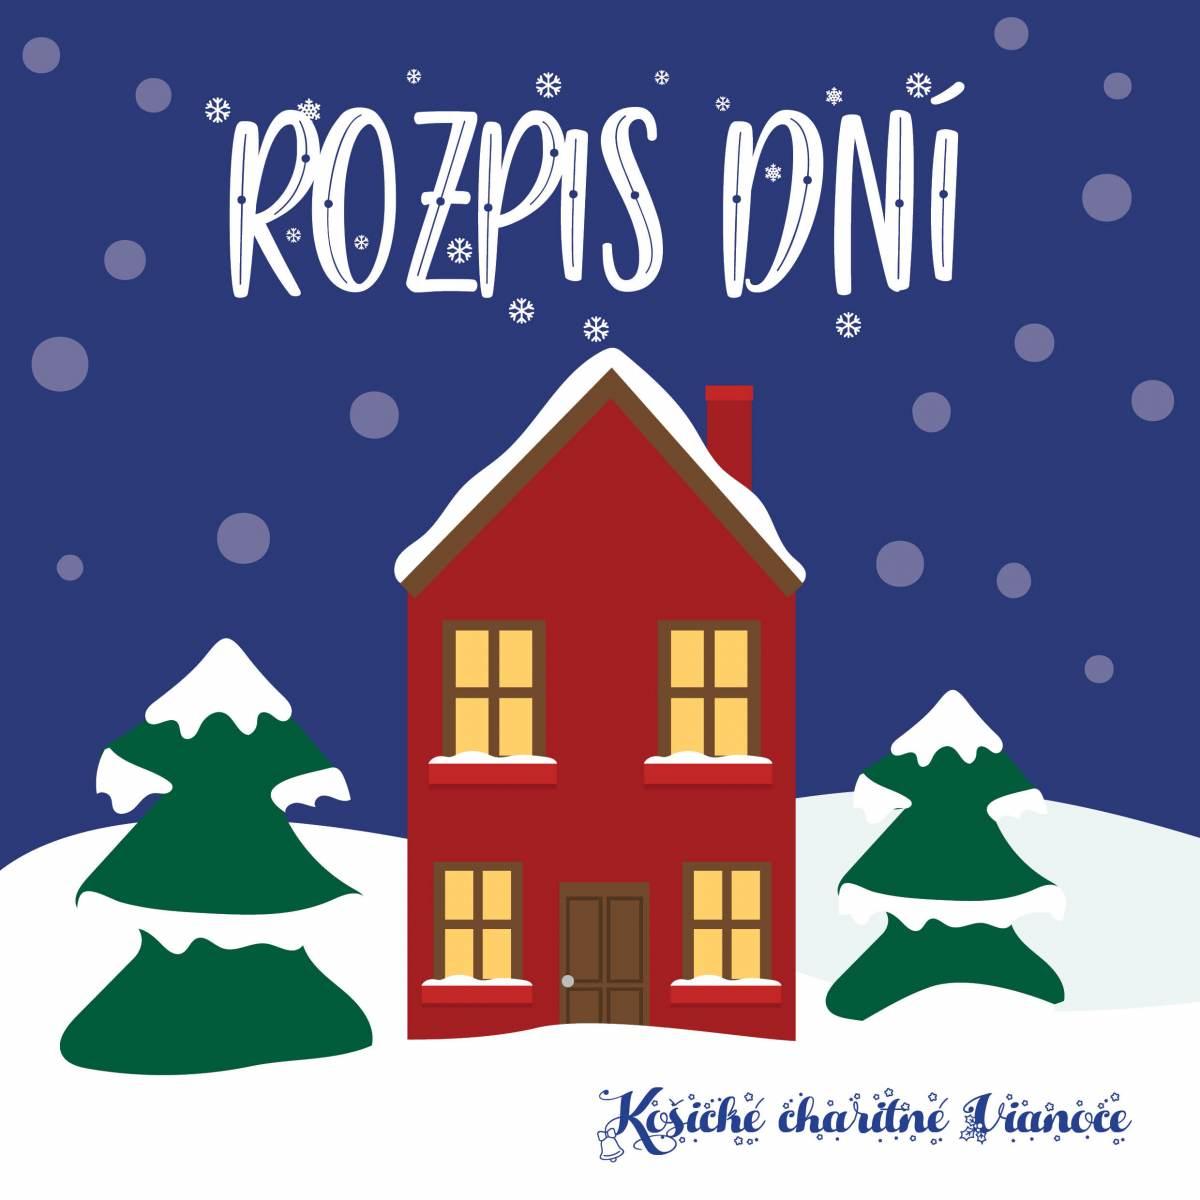 Vianocne-trhy_rozpis-dní